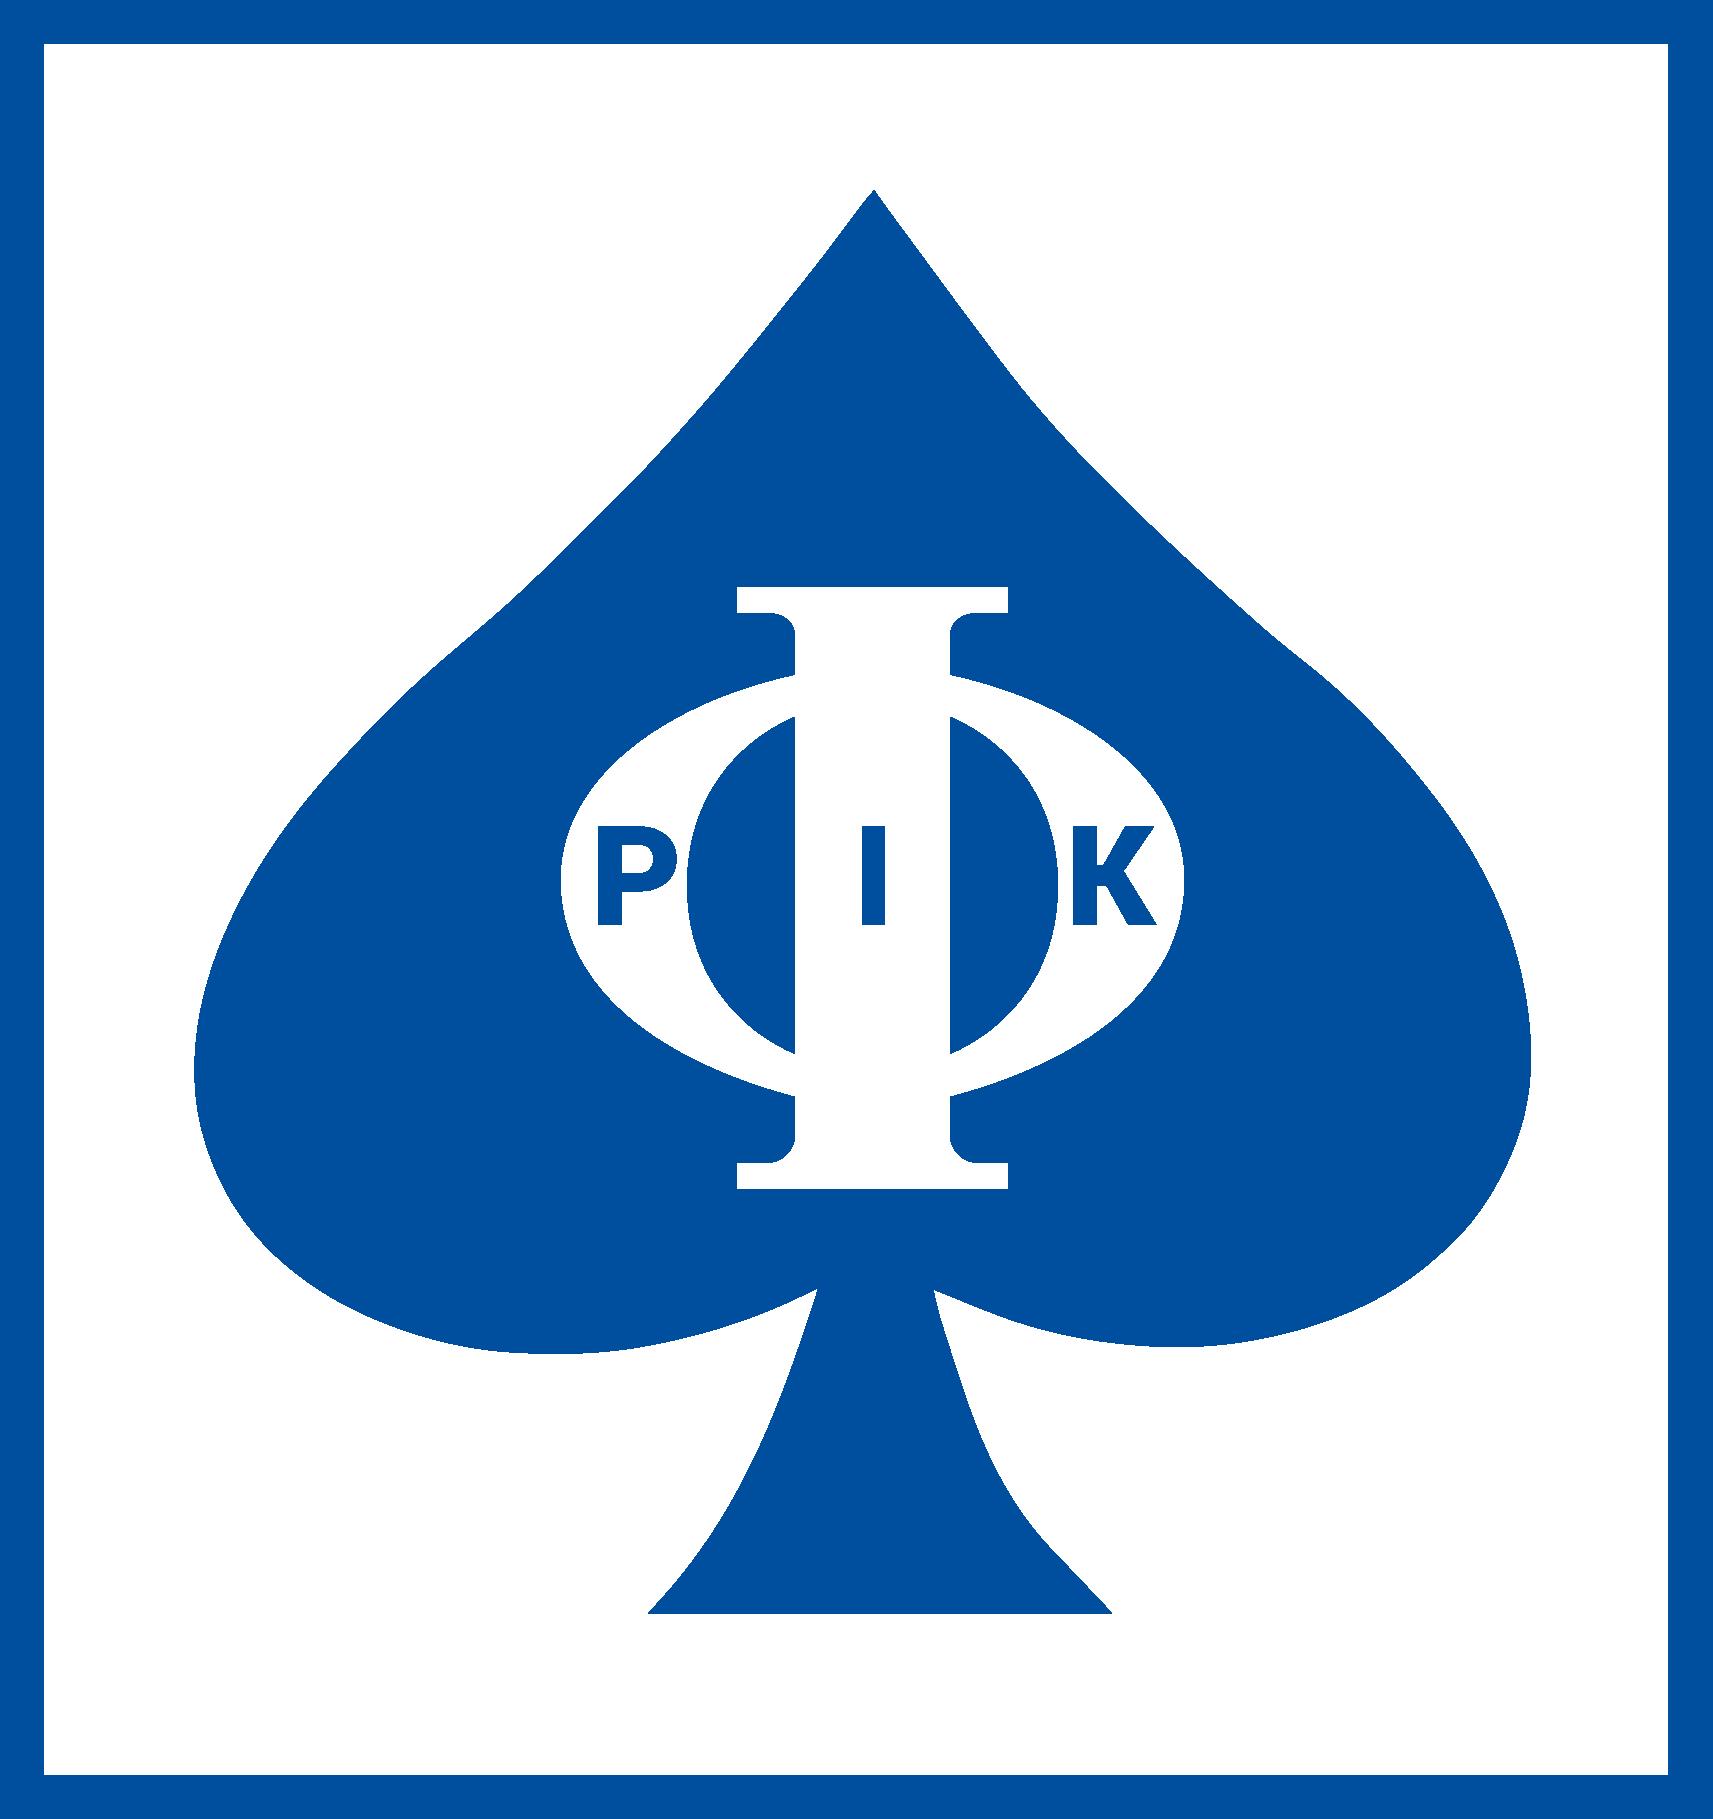 logo-ak-pik_blue.png